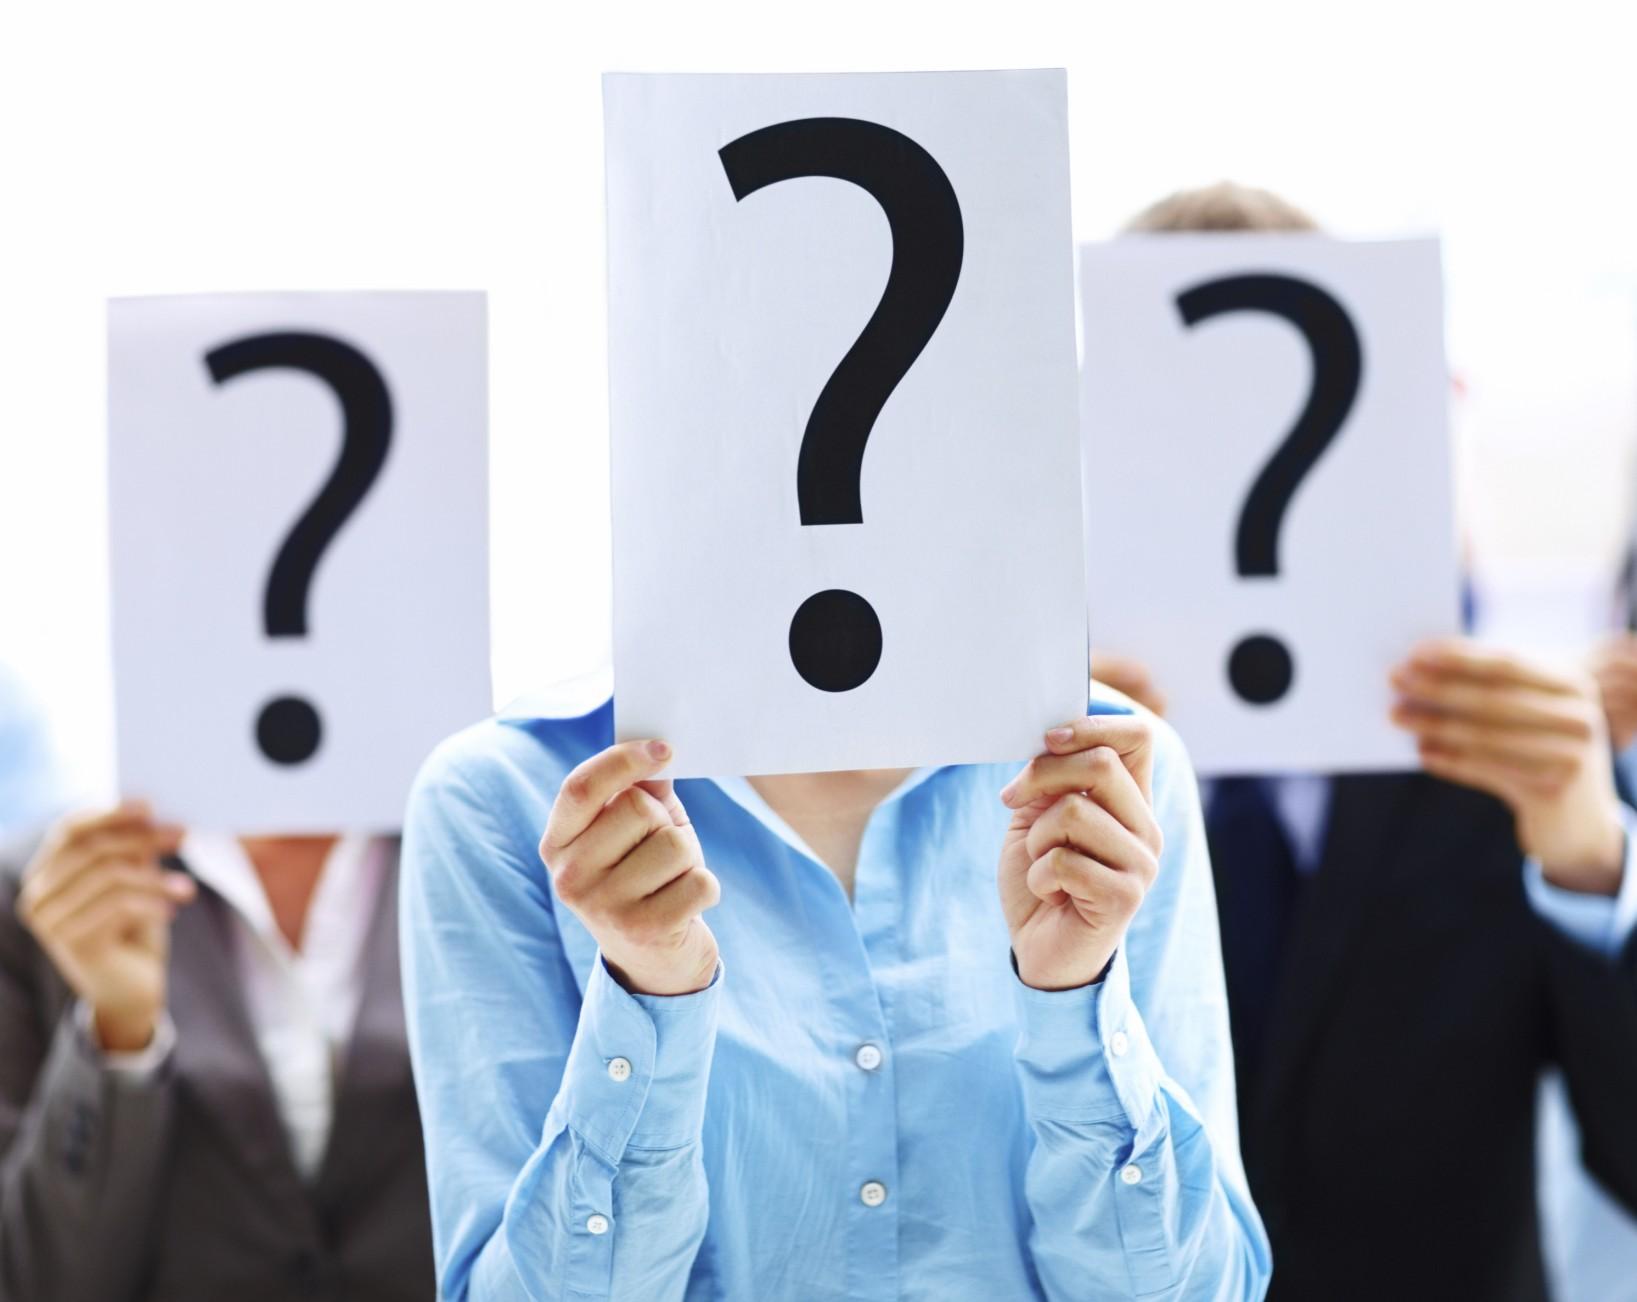 investir à miami et choisir un nom pour son entreprise